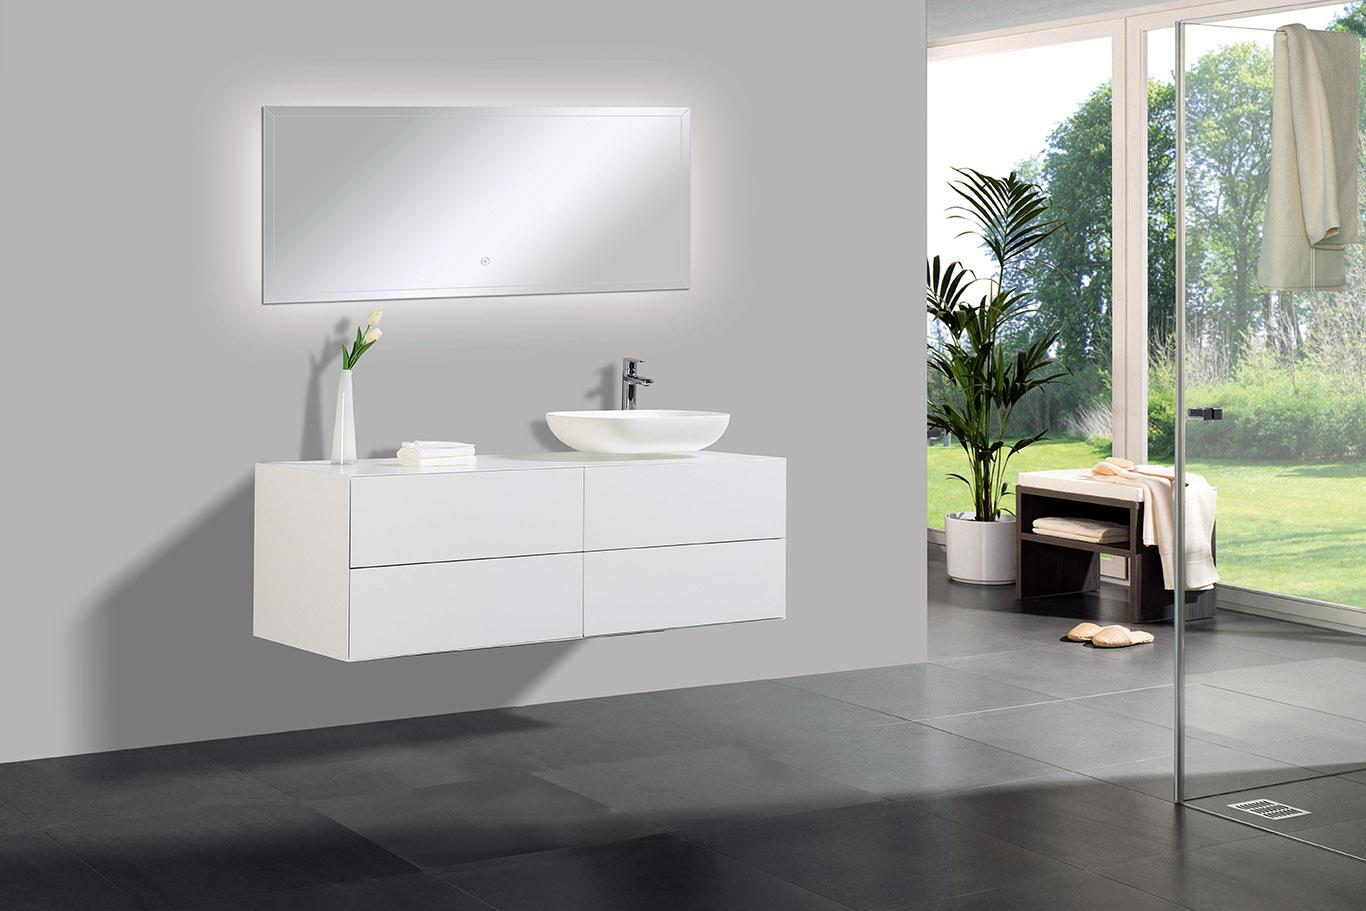 Mobile Bagno Lavandino Incasso mobile da bagno milou 1400 bianco opaco - specchio e lavabo